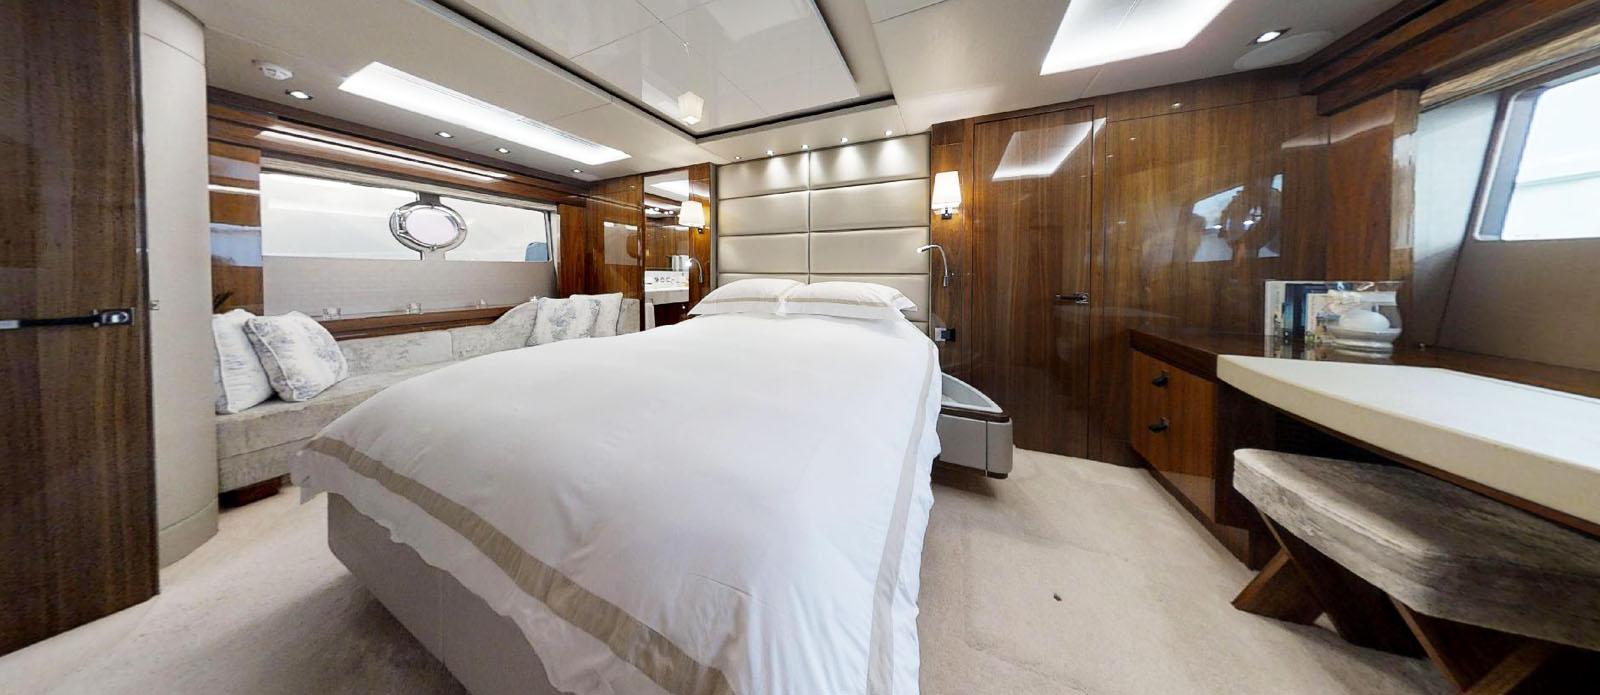 Sunseeker-86-Yacht-MiBowt-Guest-Cabin